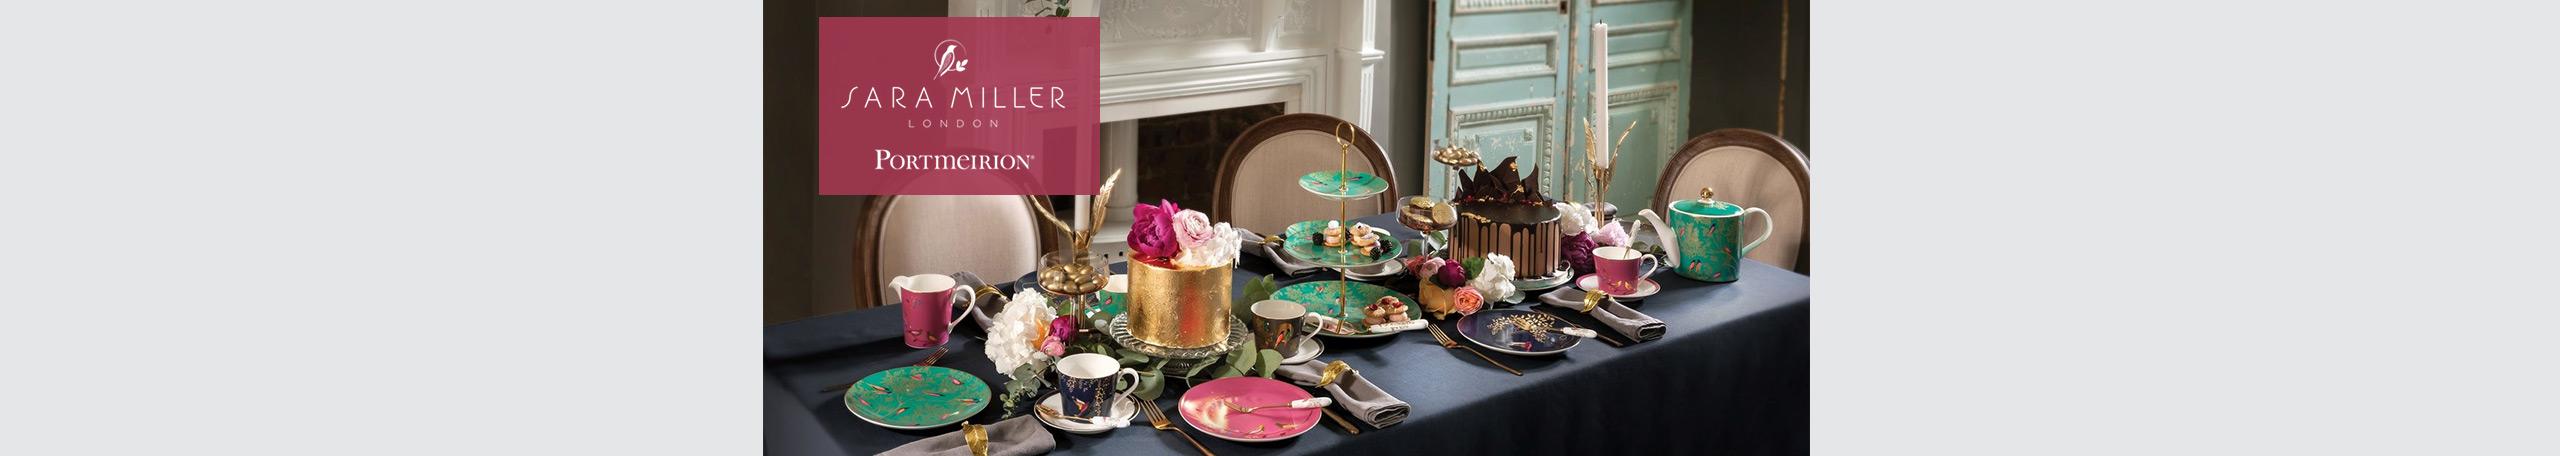 Portmeirion Sara Miller Teaware Collection